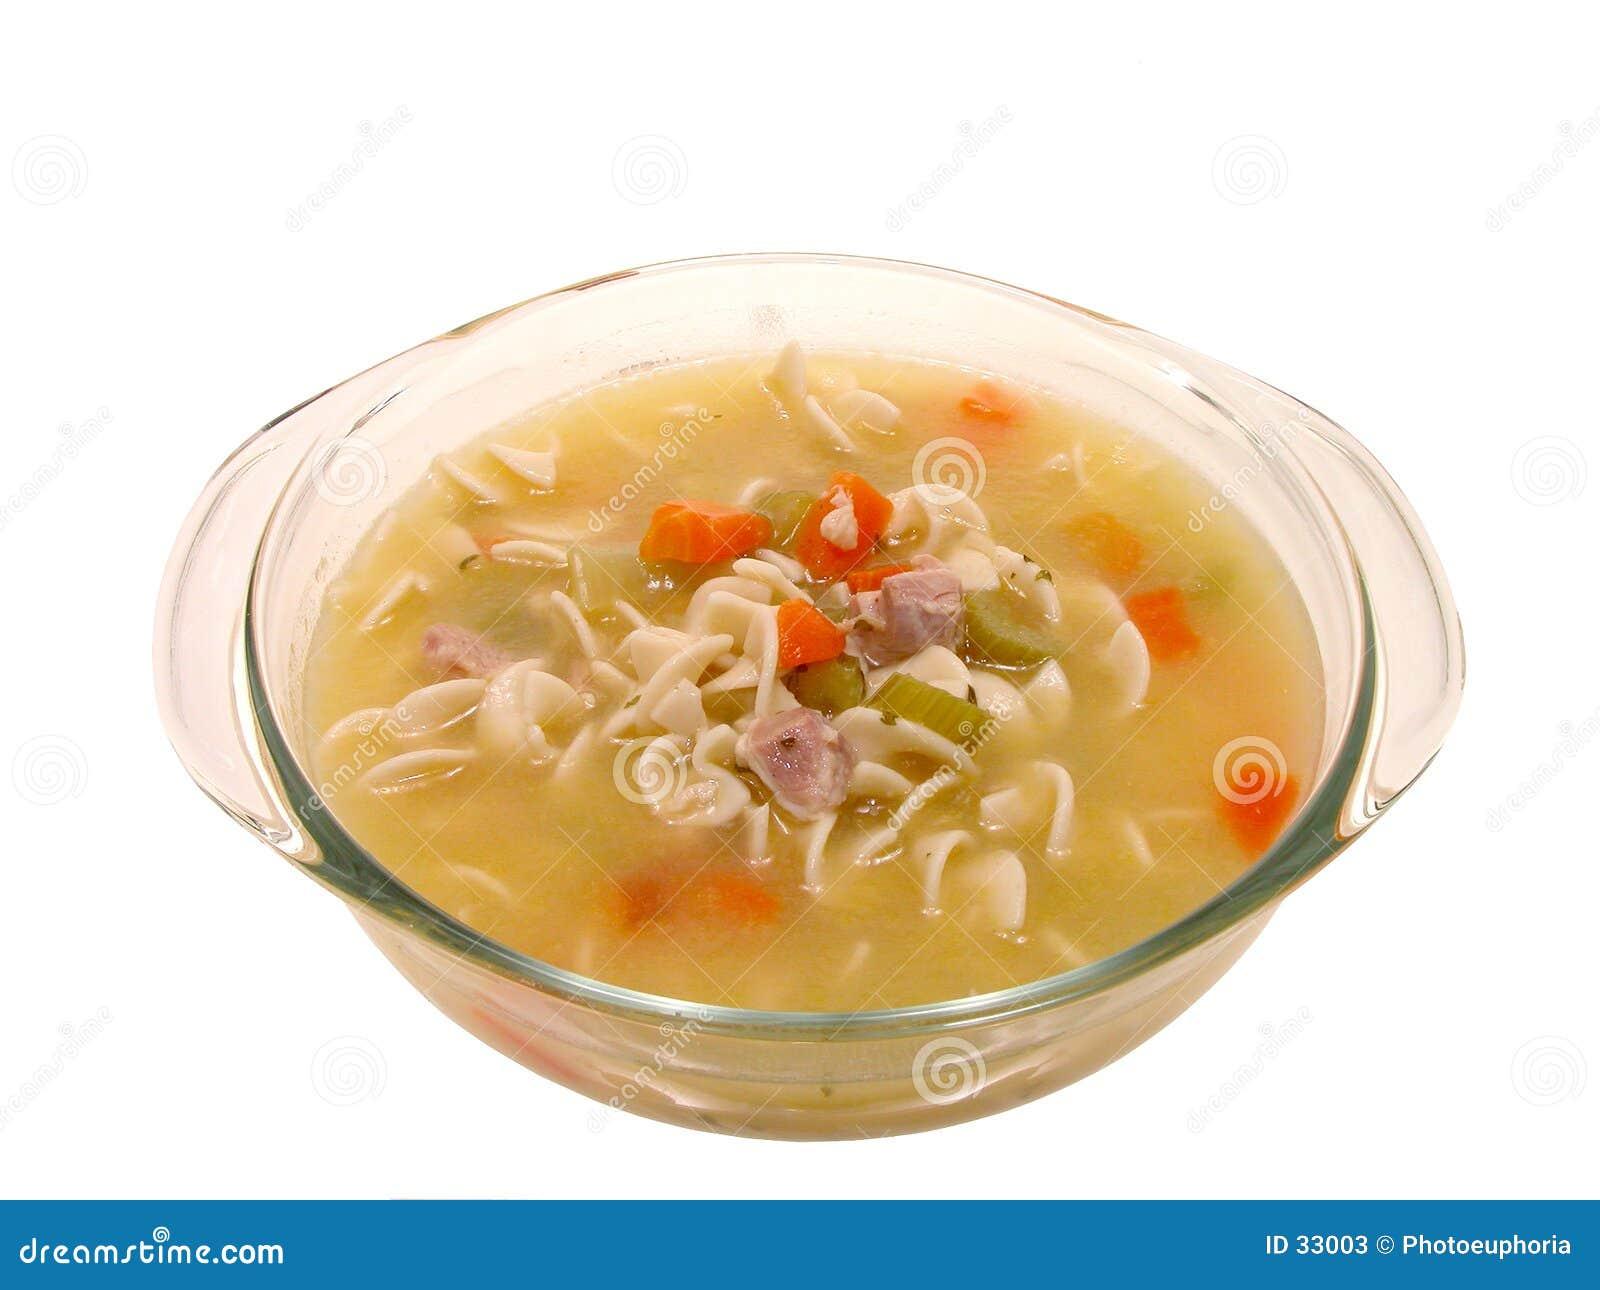 Voedsel: De ruige Soep van de Noedel van de Kip in de Kokende Schotel van het Glas